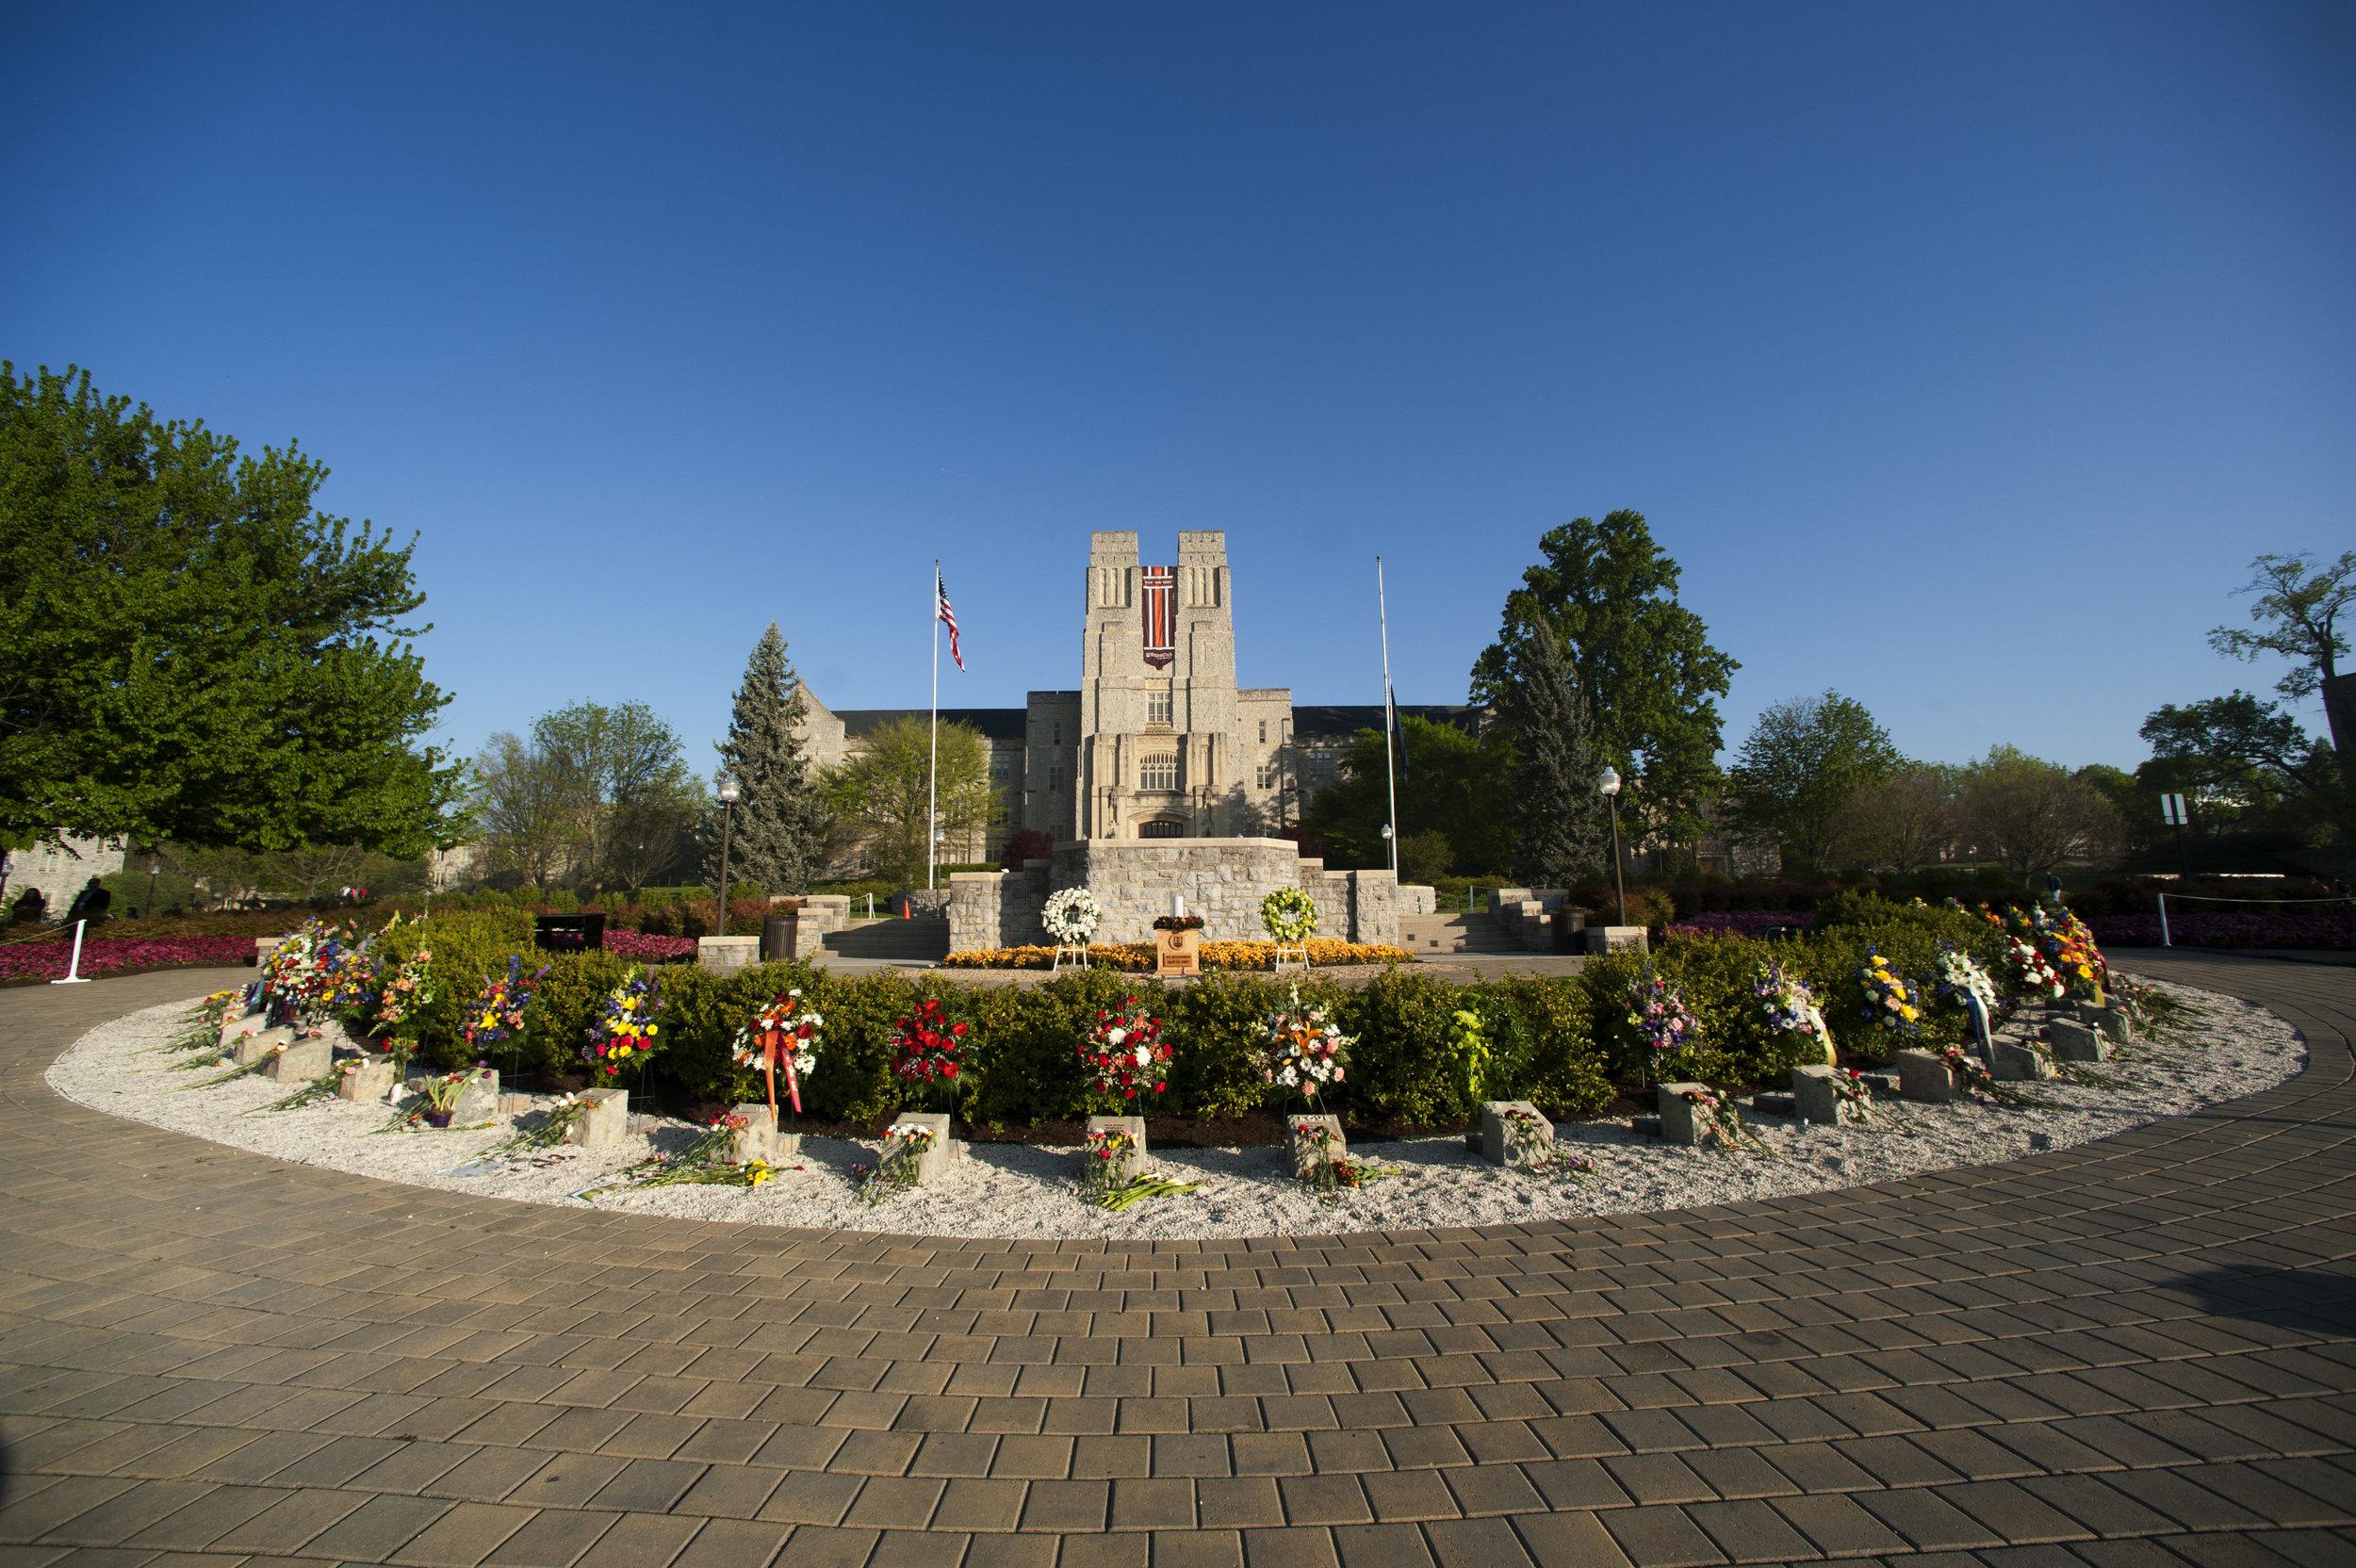 021813-alumni-memorial.jpg